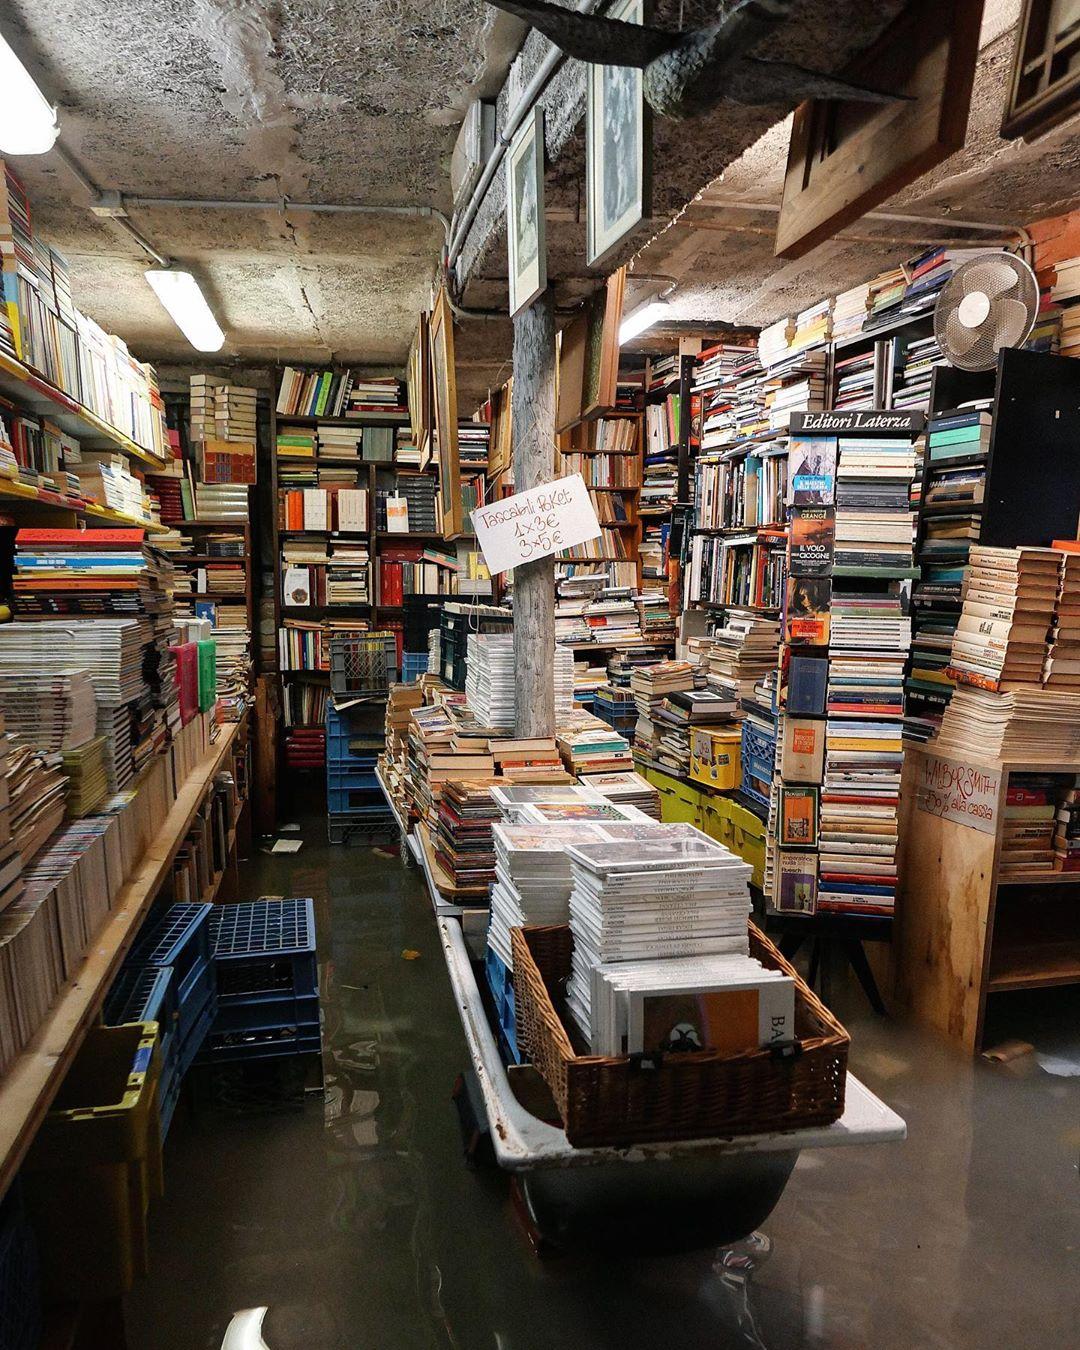 Libreria Acqua Alta di Venezia colpita dalla marea, perse migliaia di libri